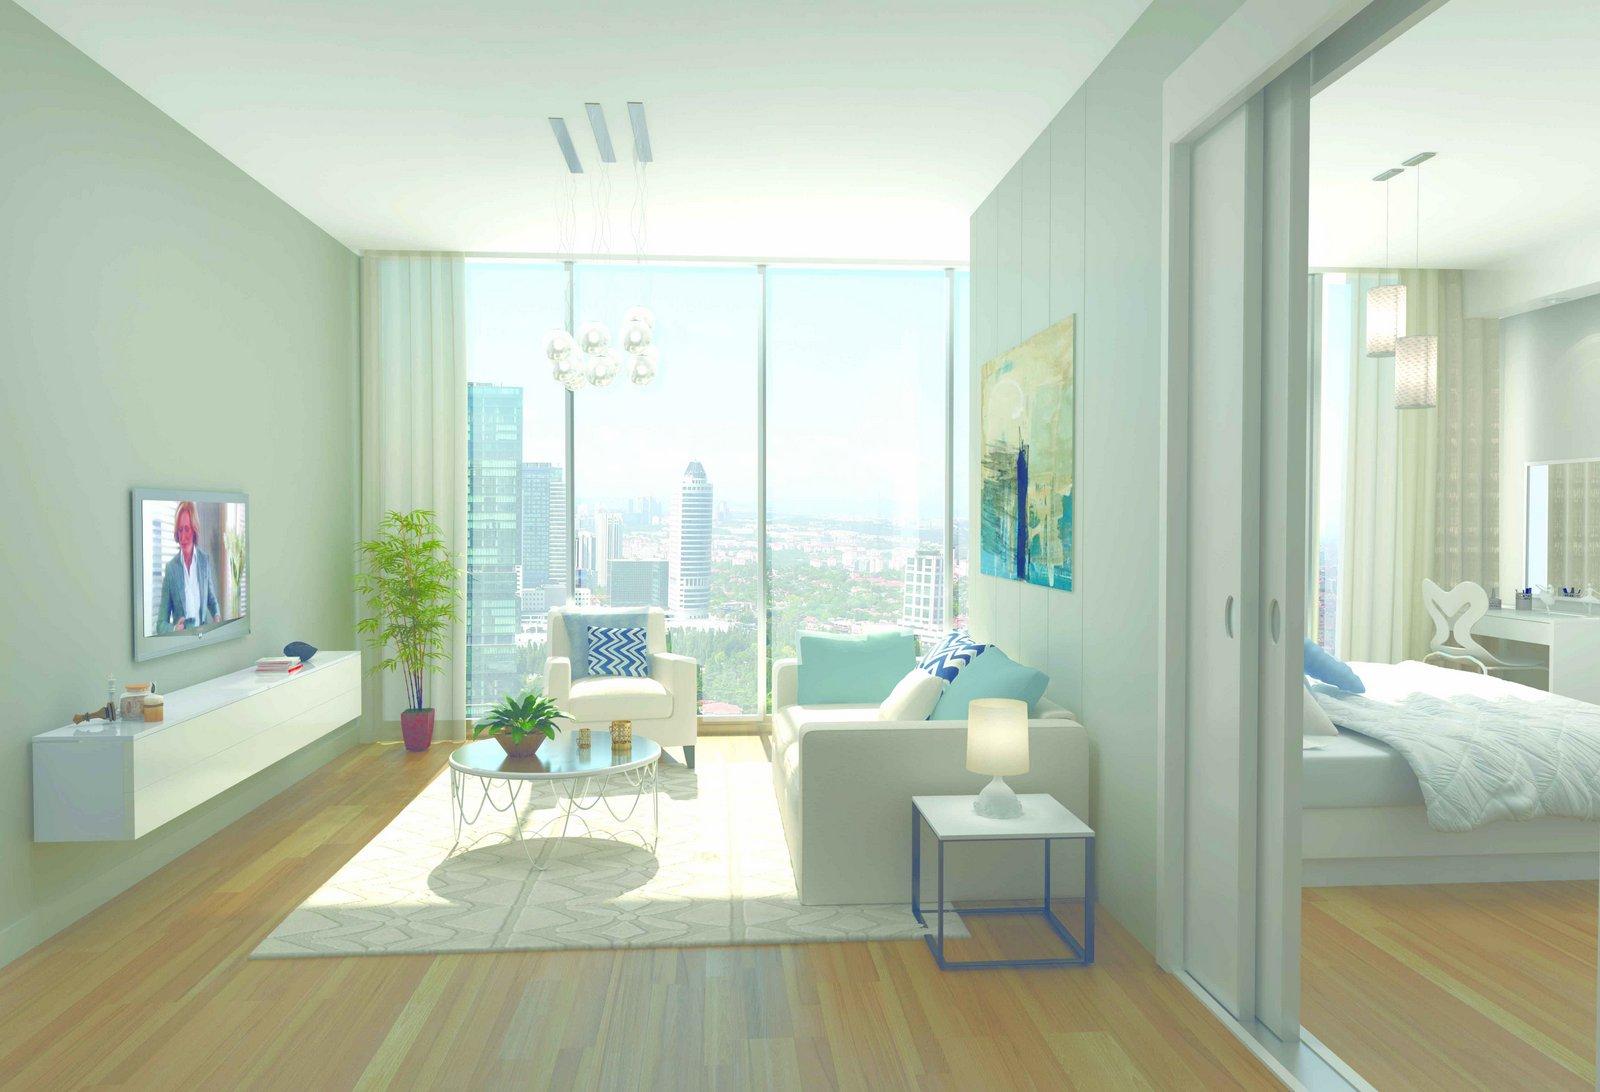 propaplus-salon-ve-yatak-odasi